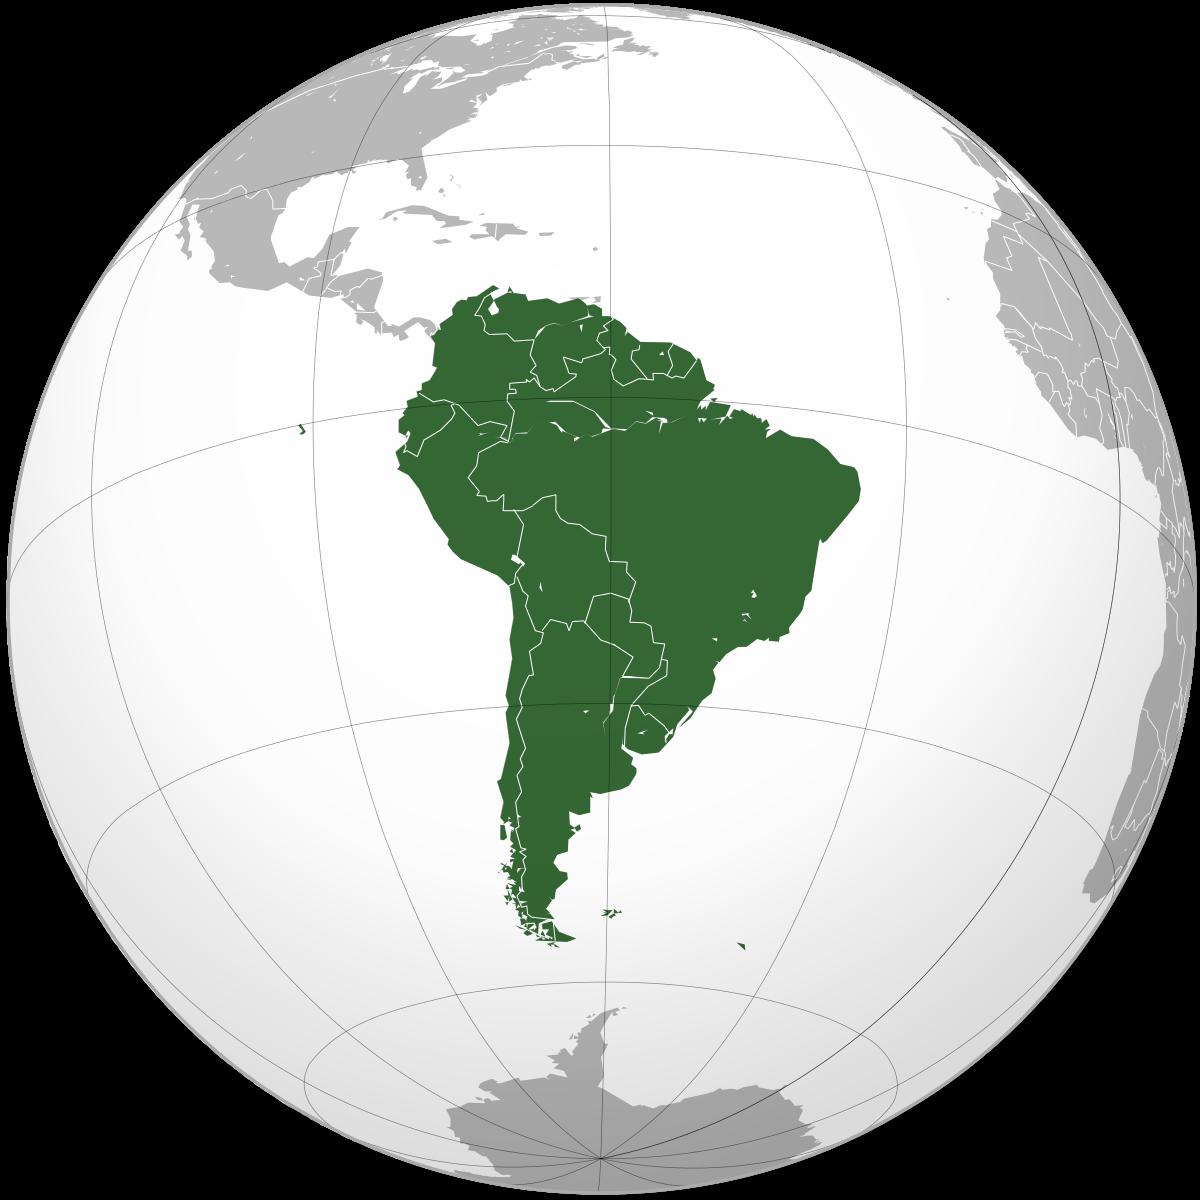 Etelä-Amerikan toiseksi suurin yritys hyväksyy kryptovaluuttamaksut